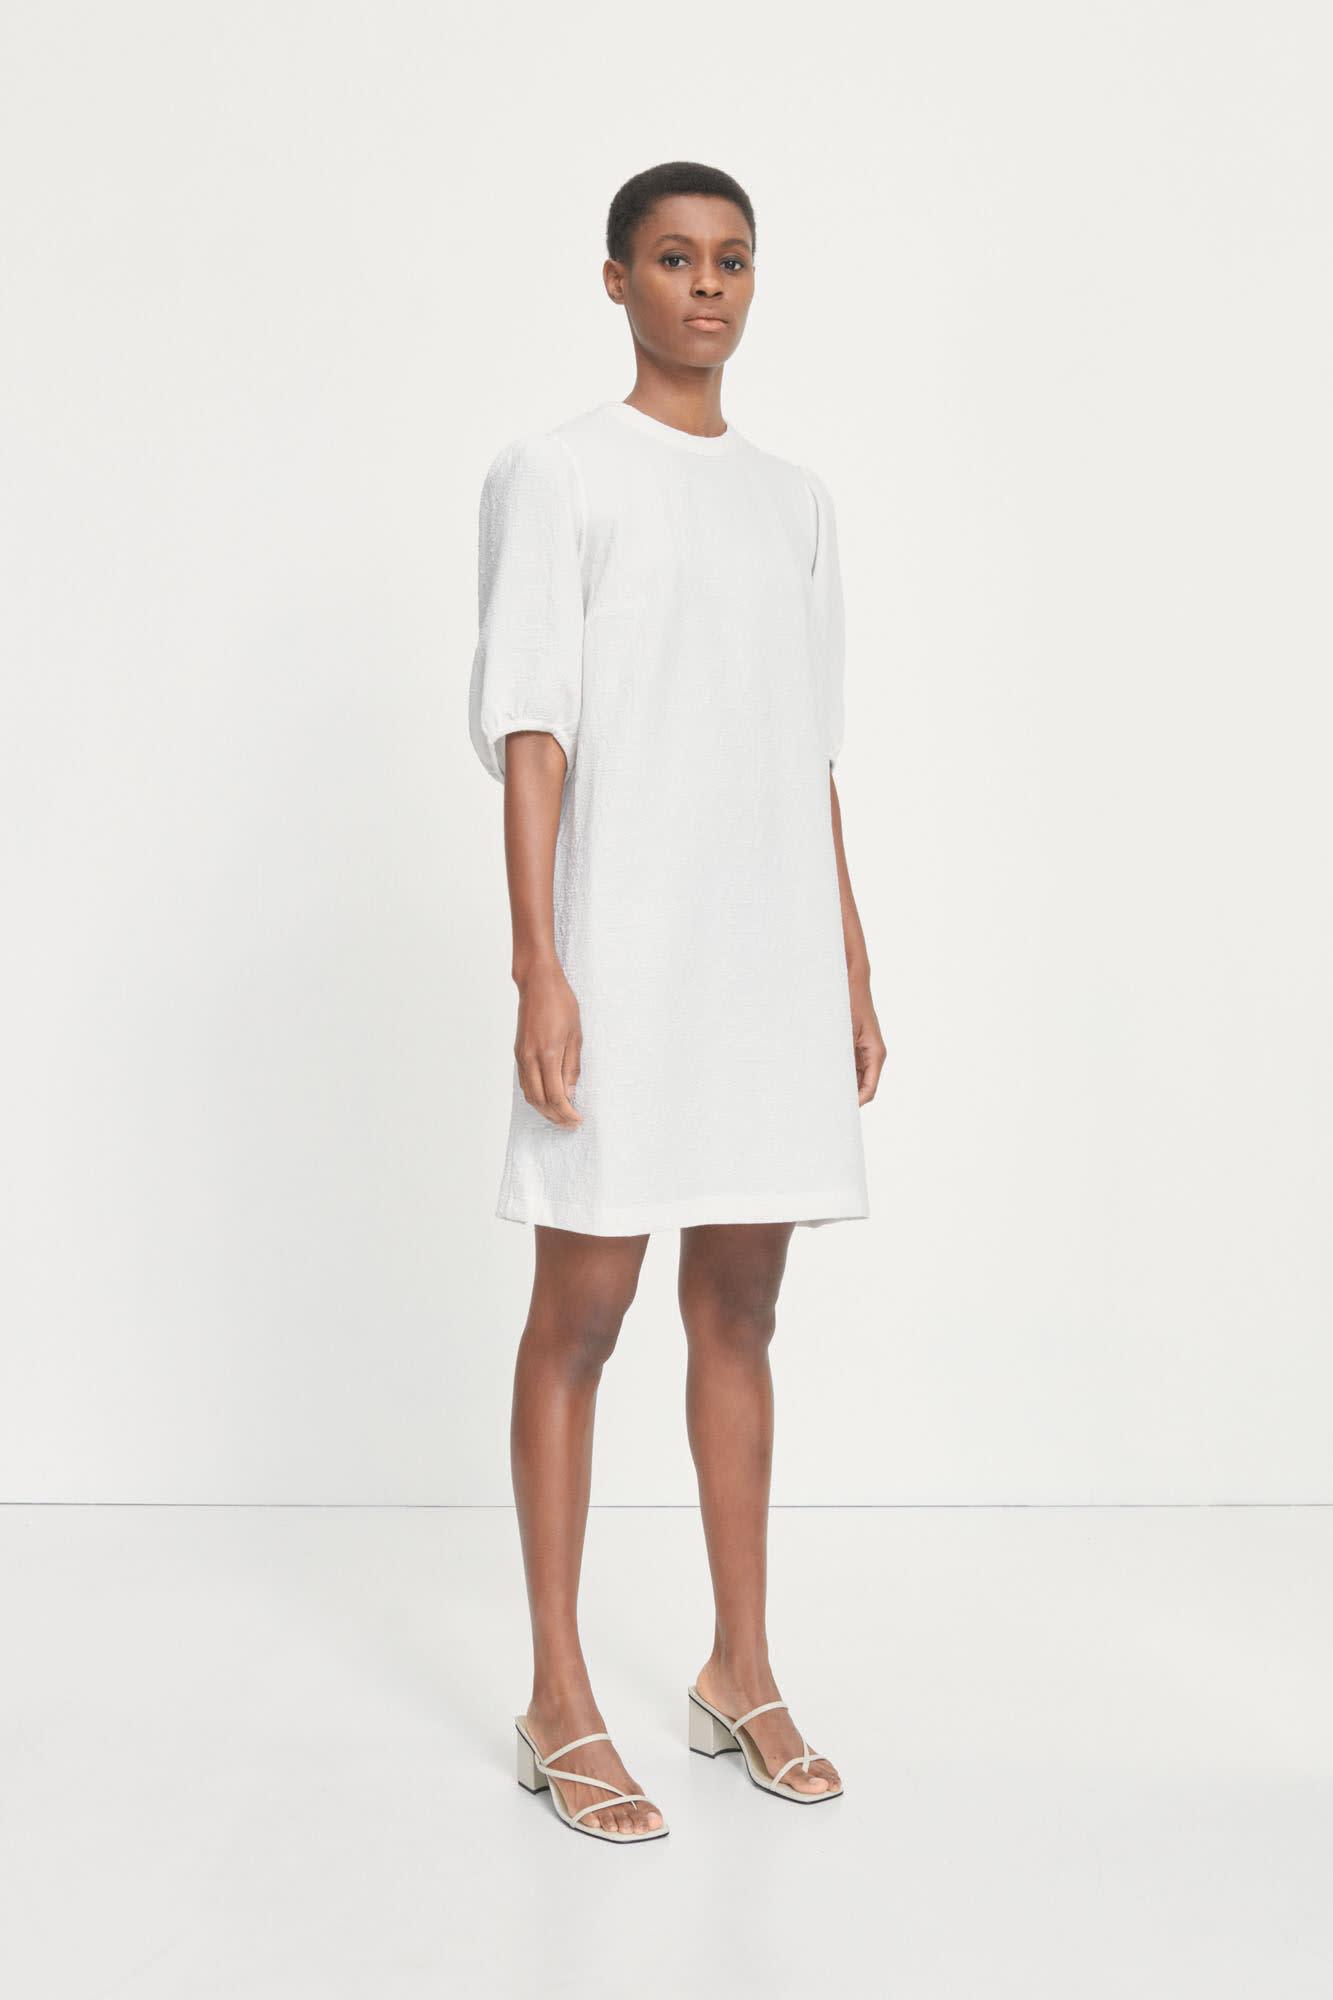 Junis Short Sleeve Dress White-2